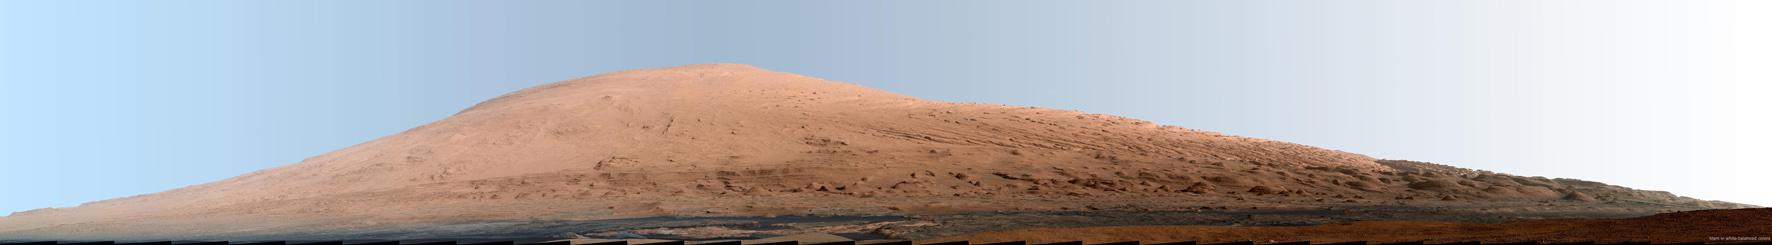 Wydma Aeolis Mons widziana przez kamerę łazika Curiosity z krateru Gale